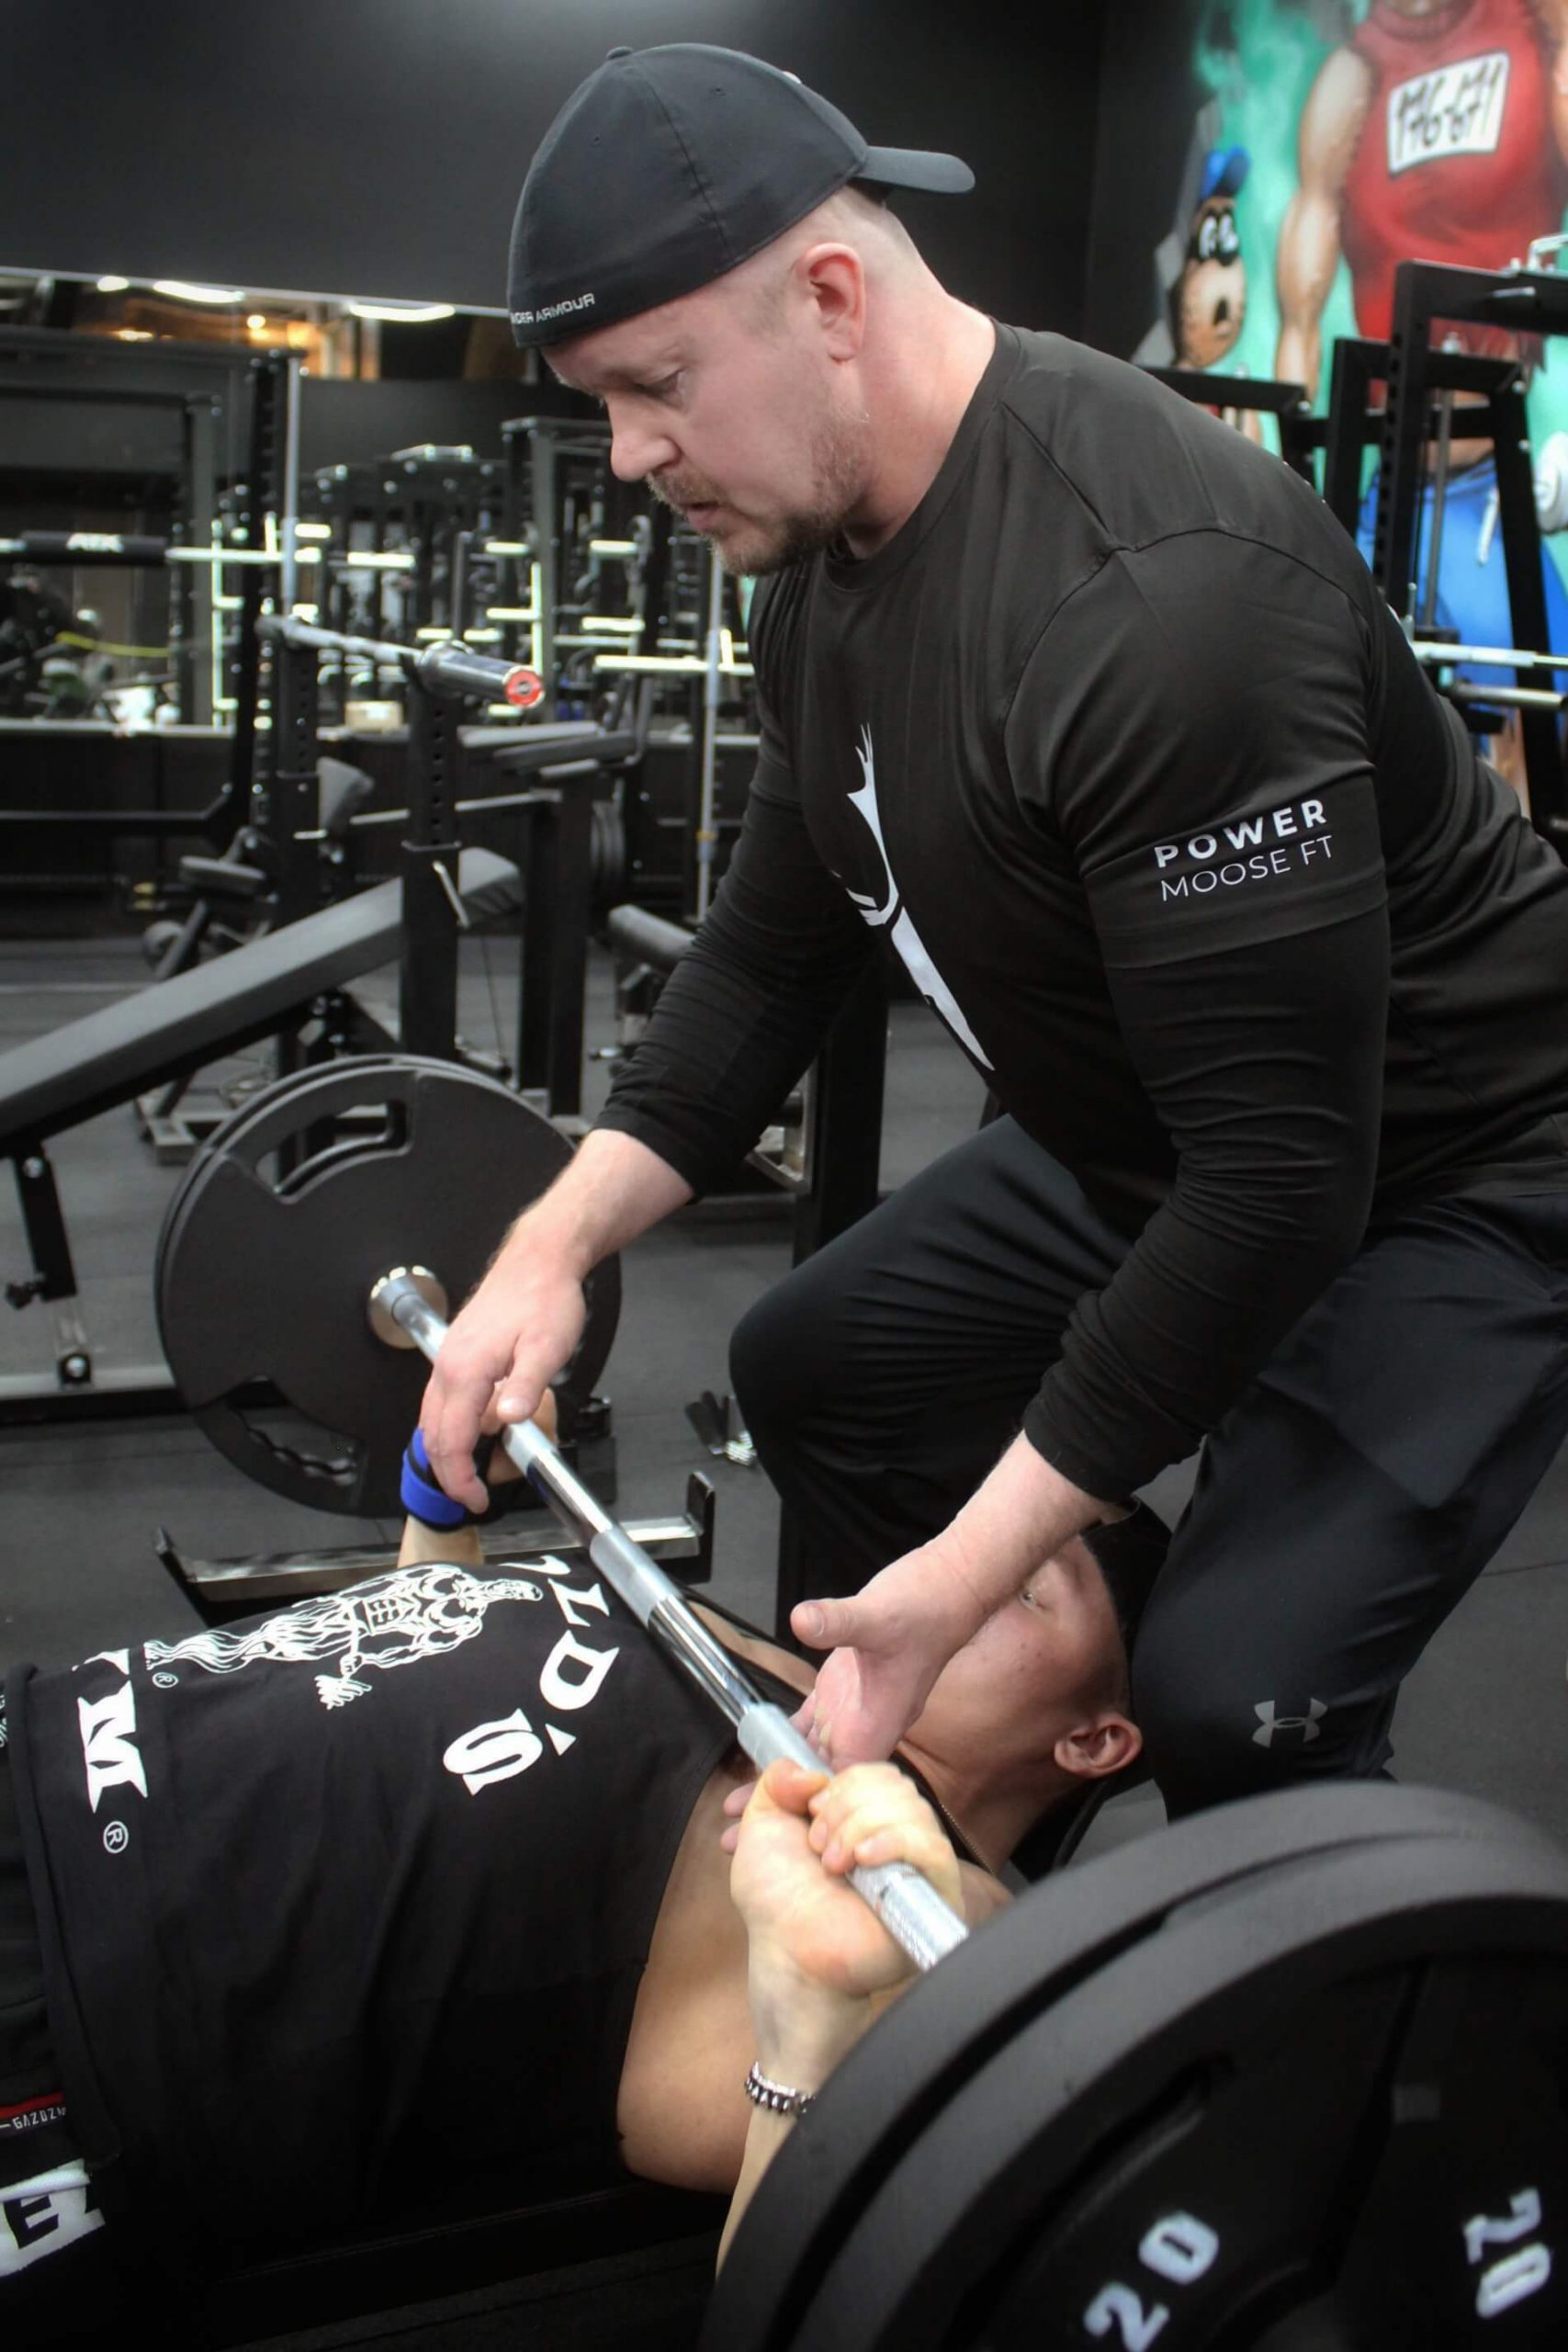 Fysioterapeutti auttaa asiakasta painonnostossa